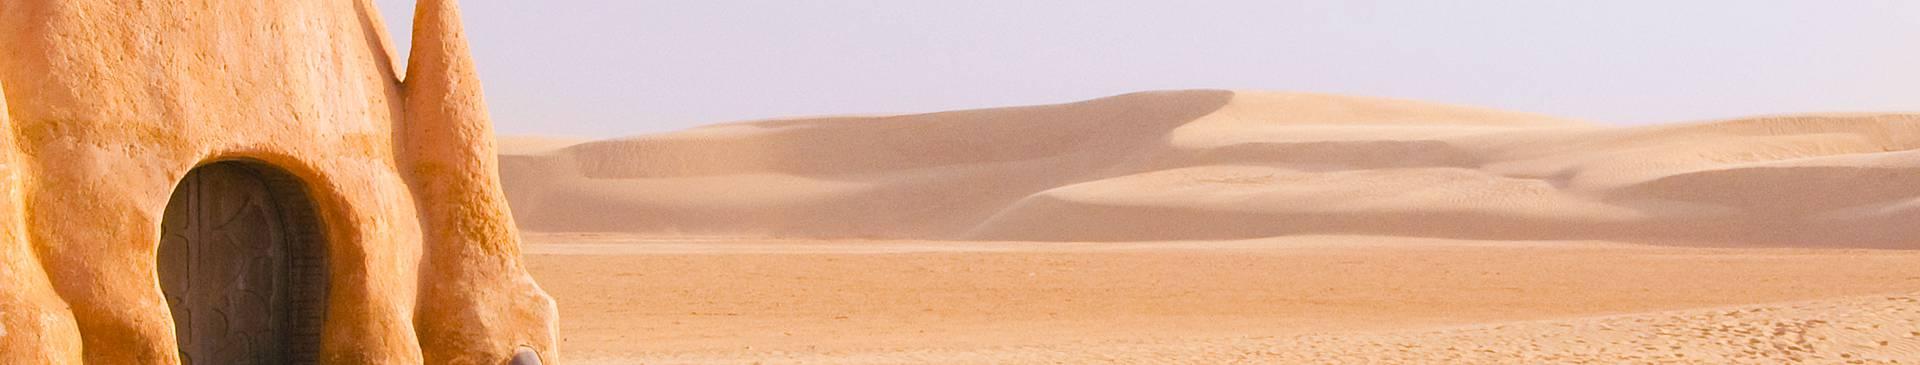 Viajes al desierto de Túnez